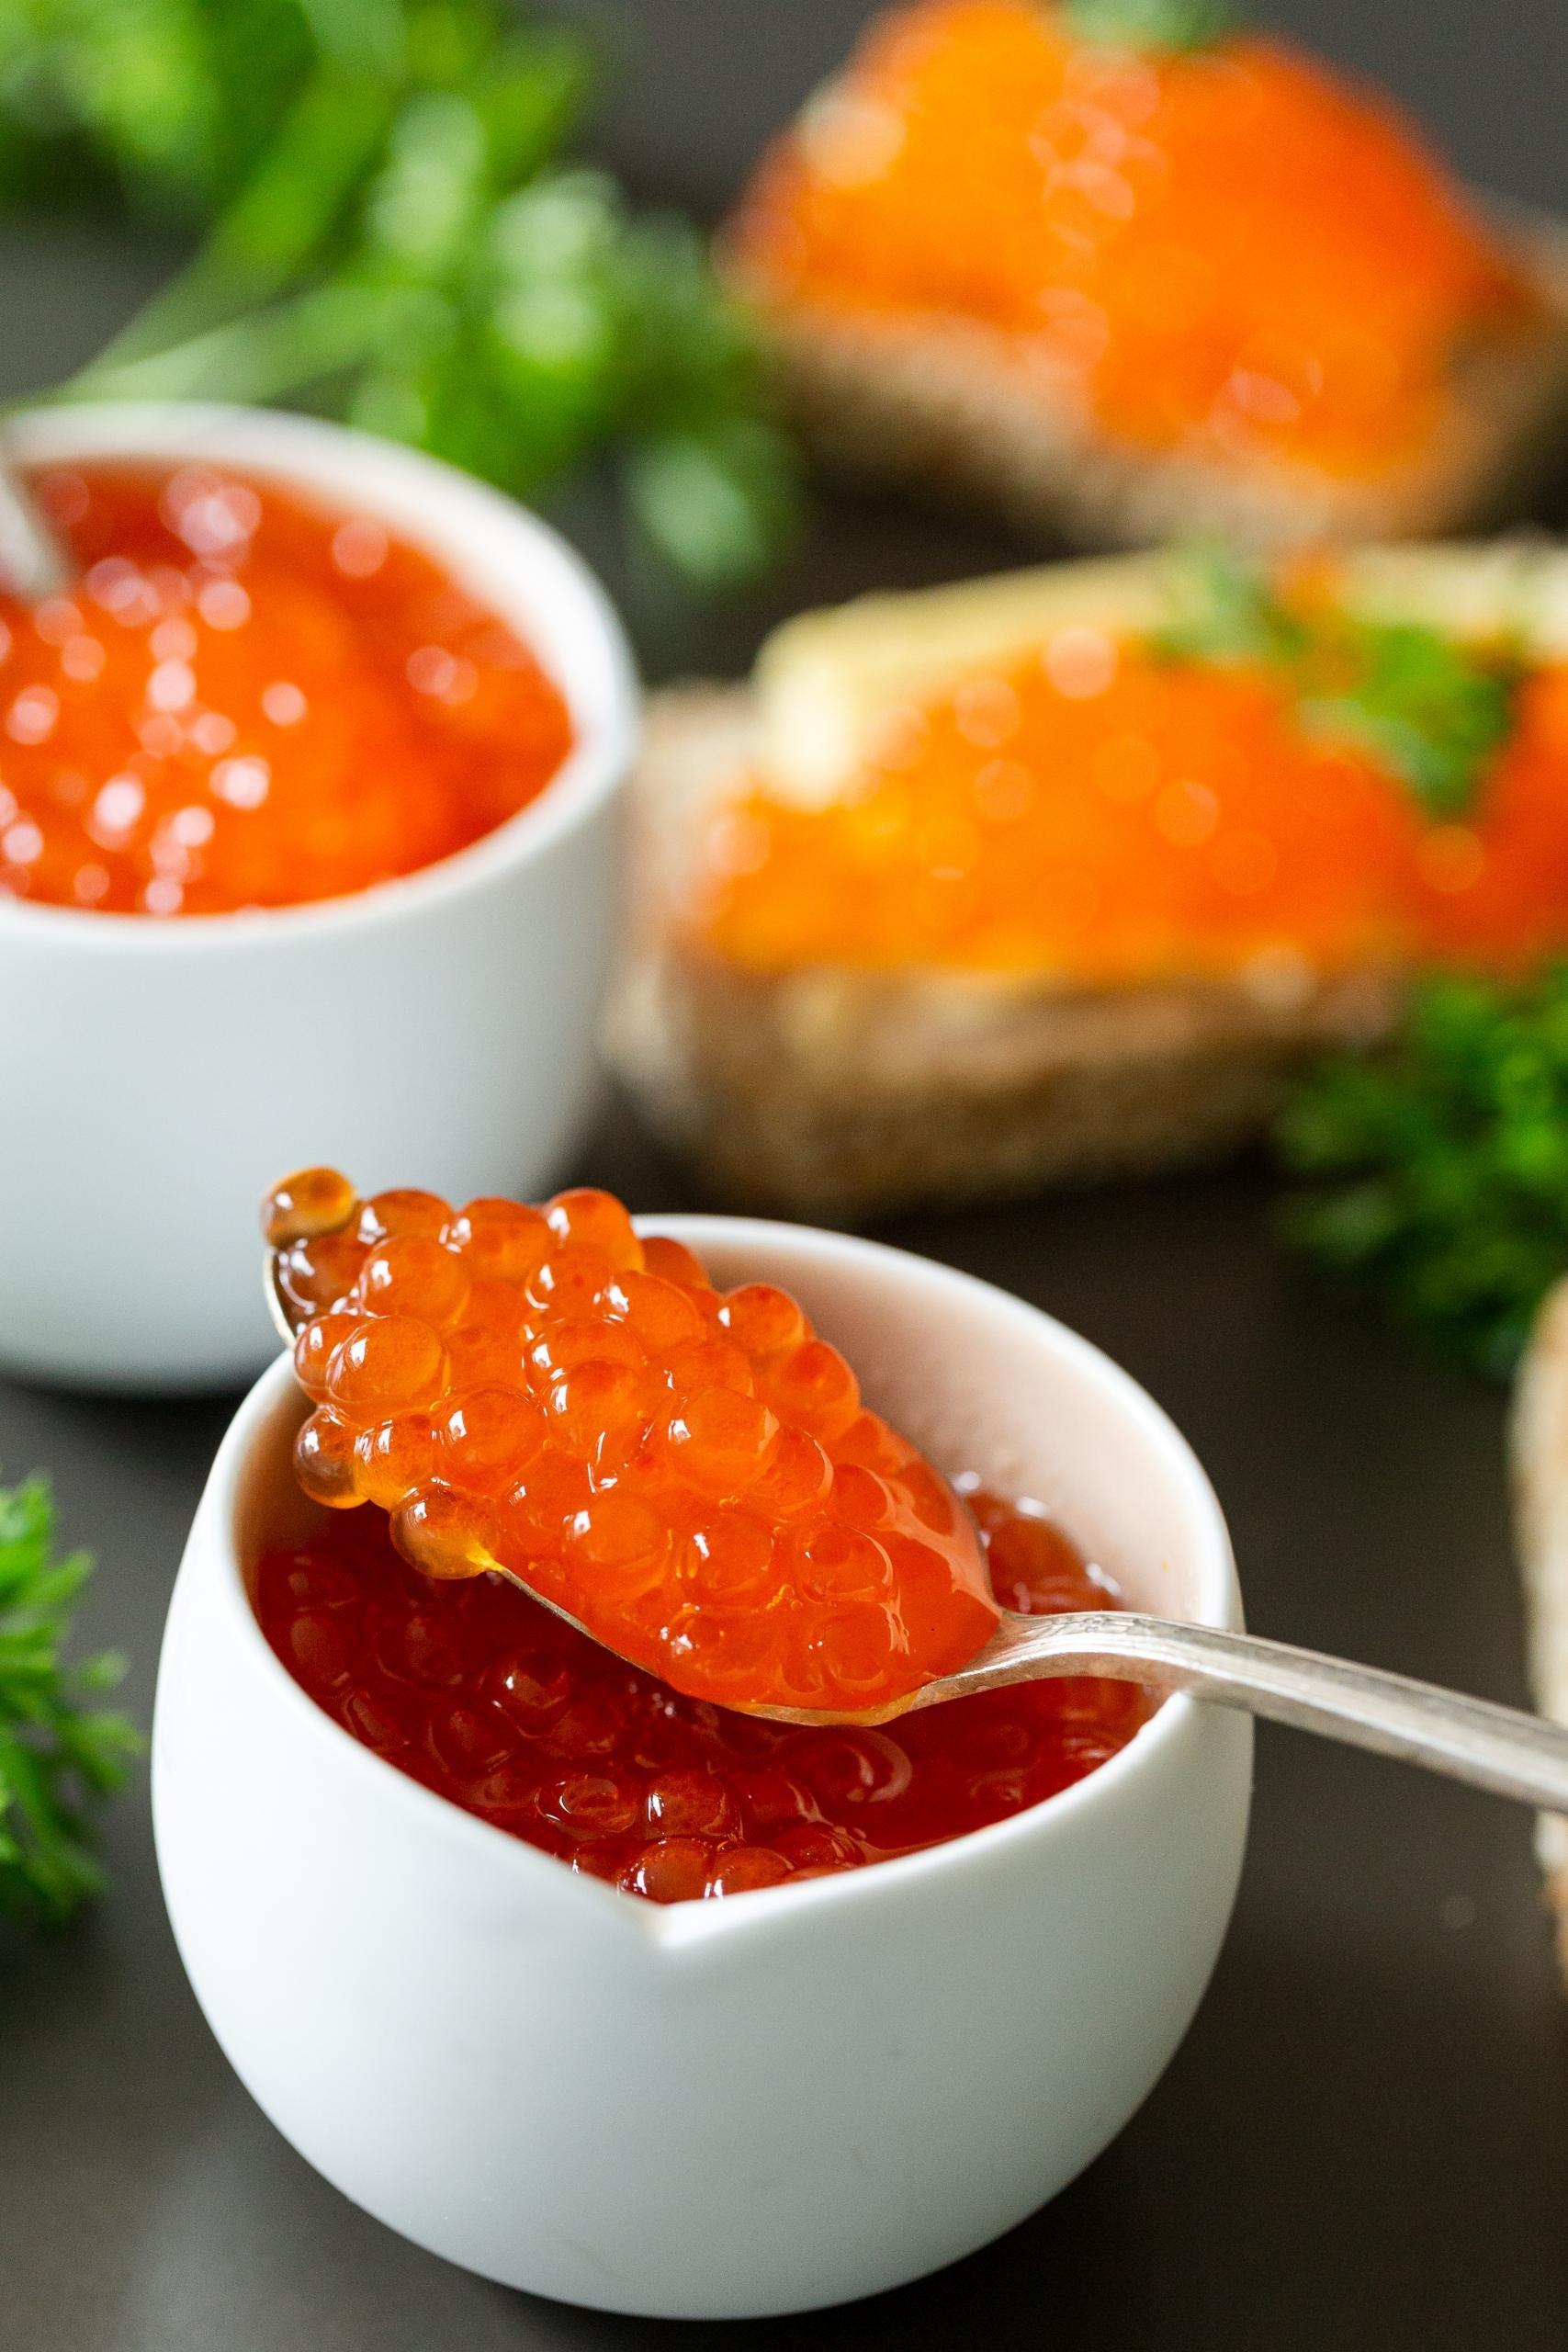 Caviar in in a bowl